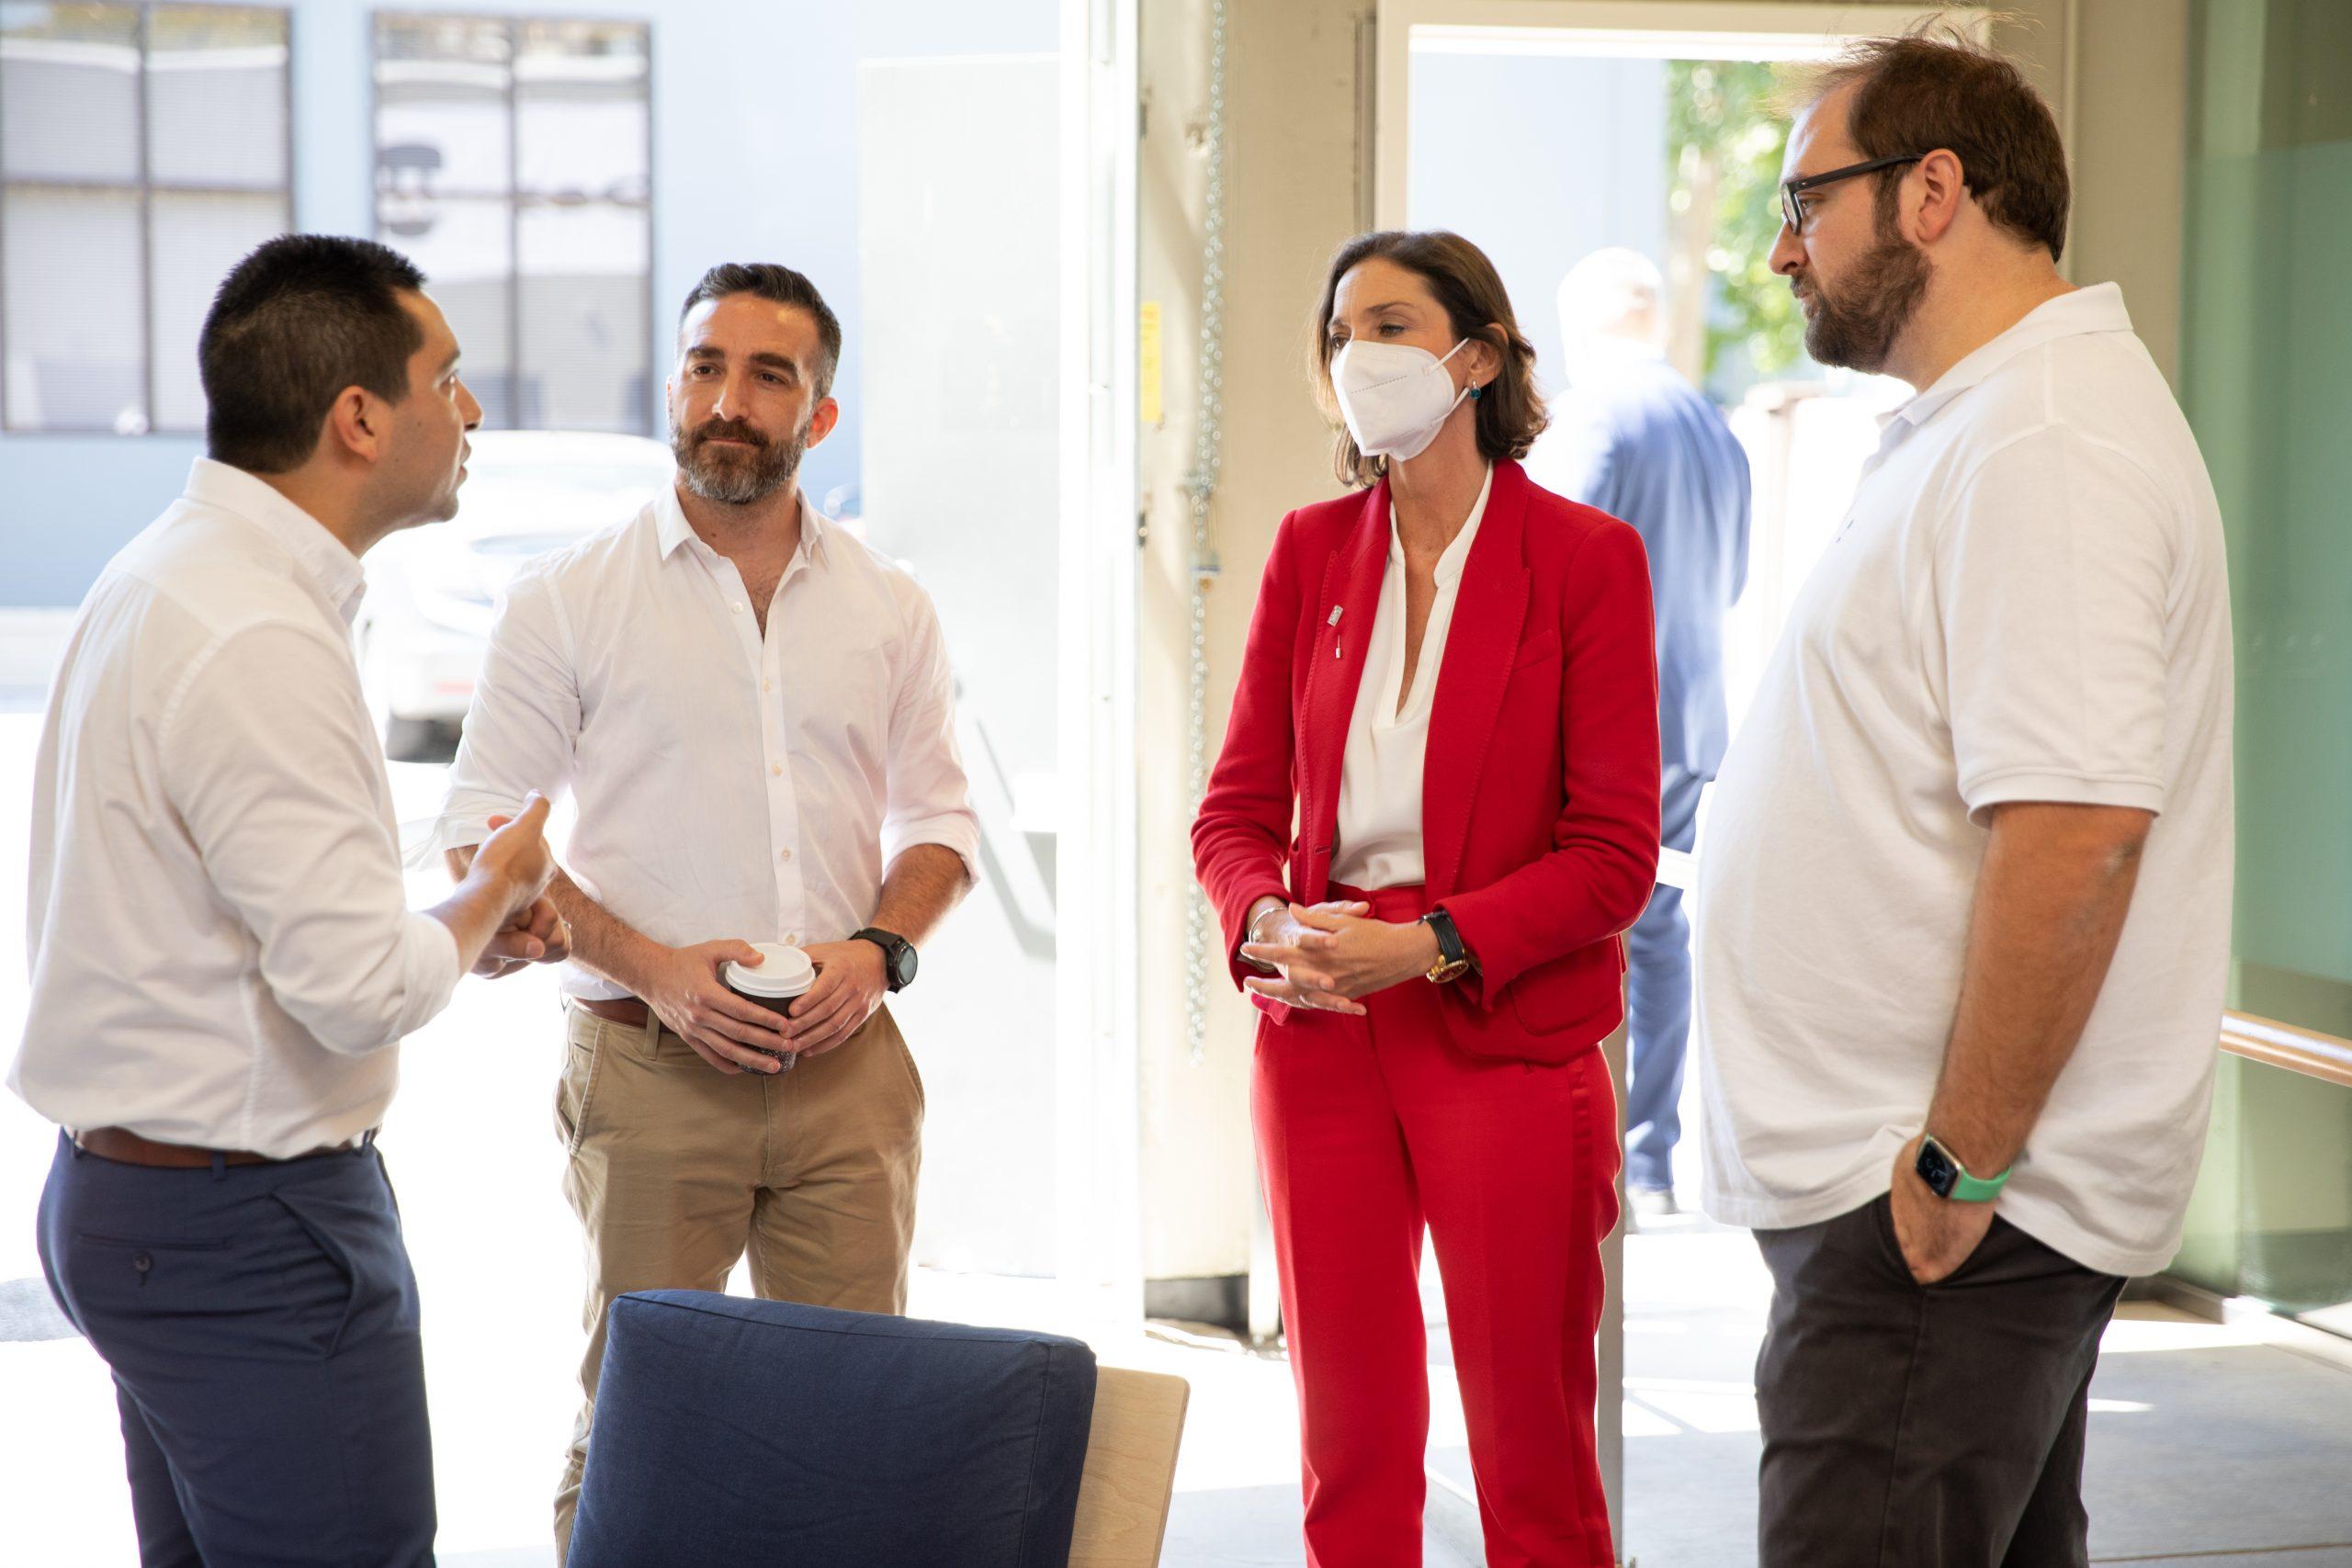 La Ministra de Industria, Comercio y Turismo, Reyes Maroto, visitó la sede de Wallbox en Norteamérica